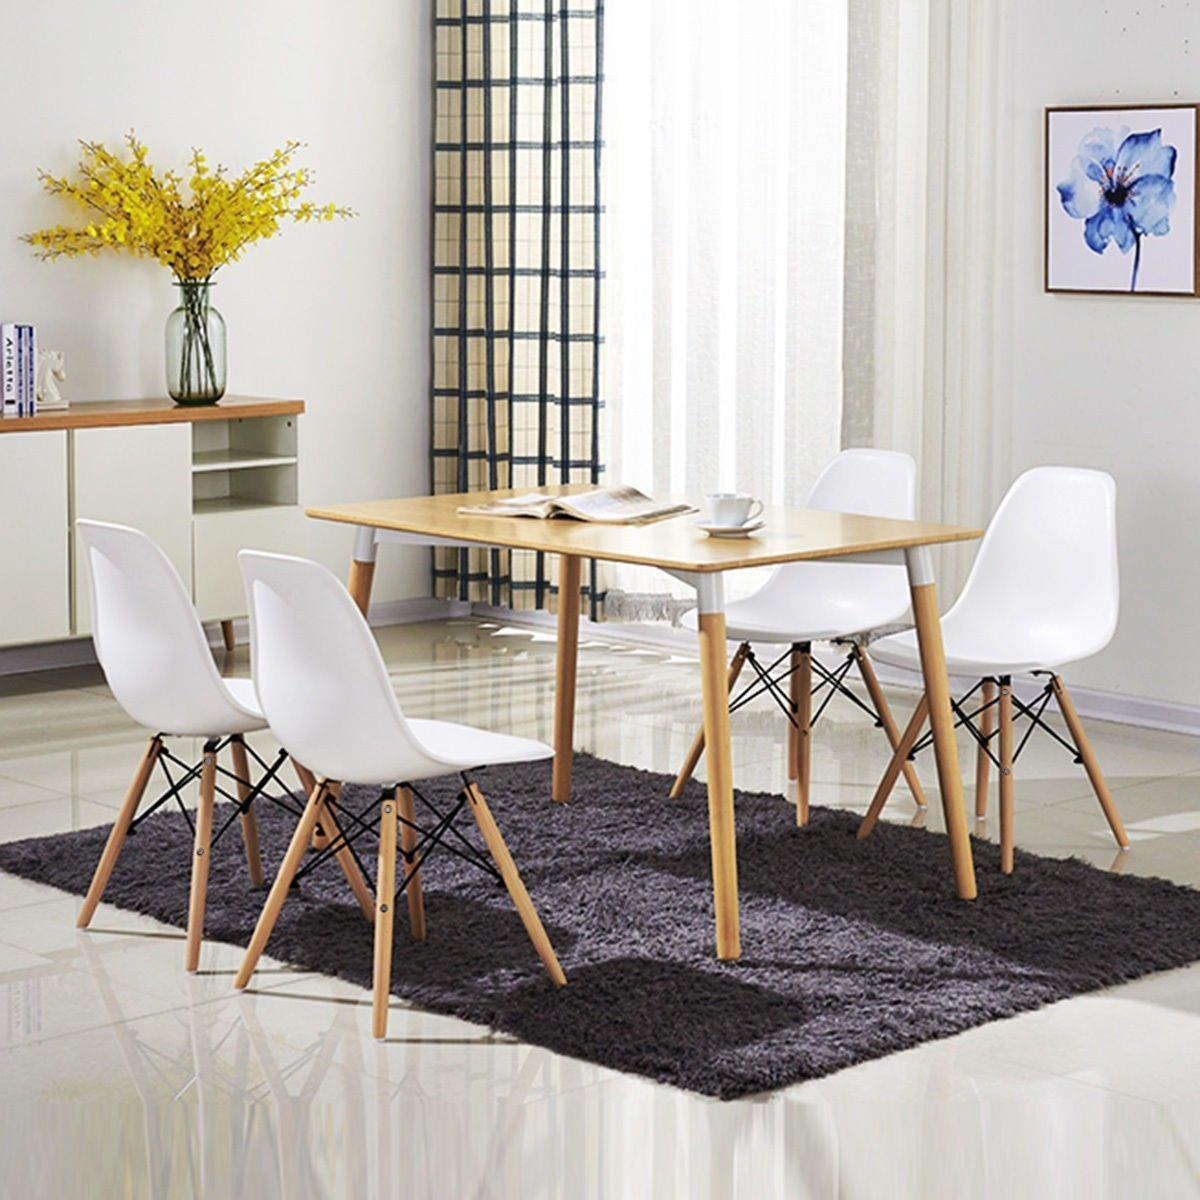 Neu 4er Stuhl DEKO Retro Esszimmerstühle Wohnzimmerstuhl